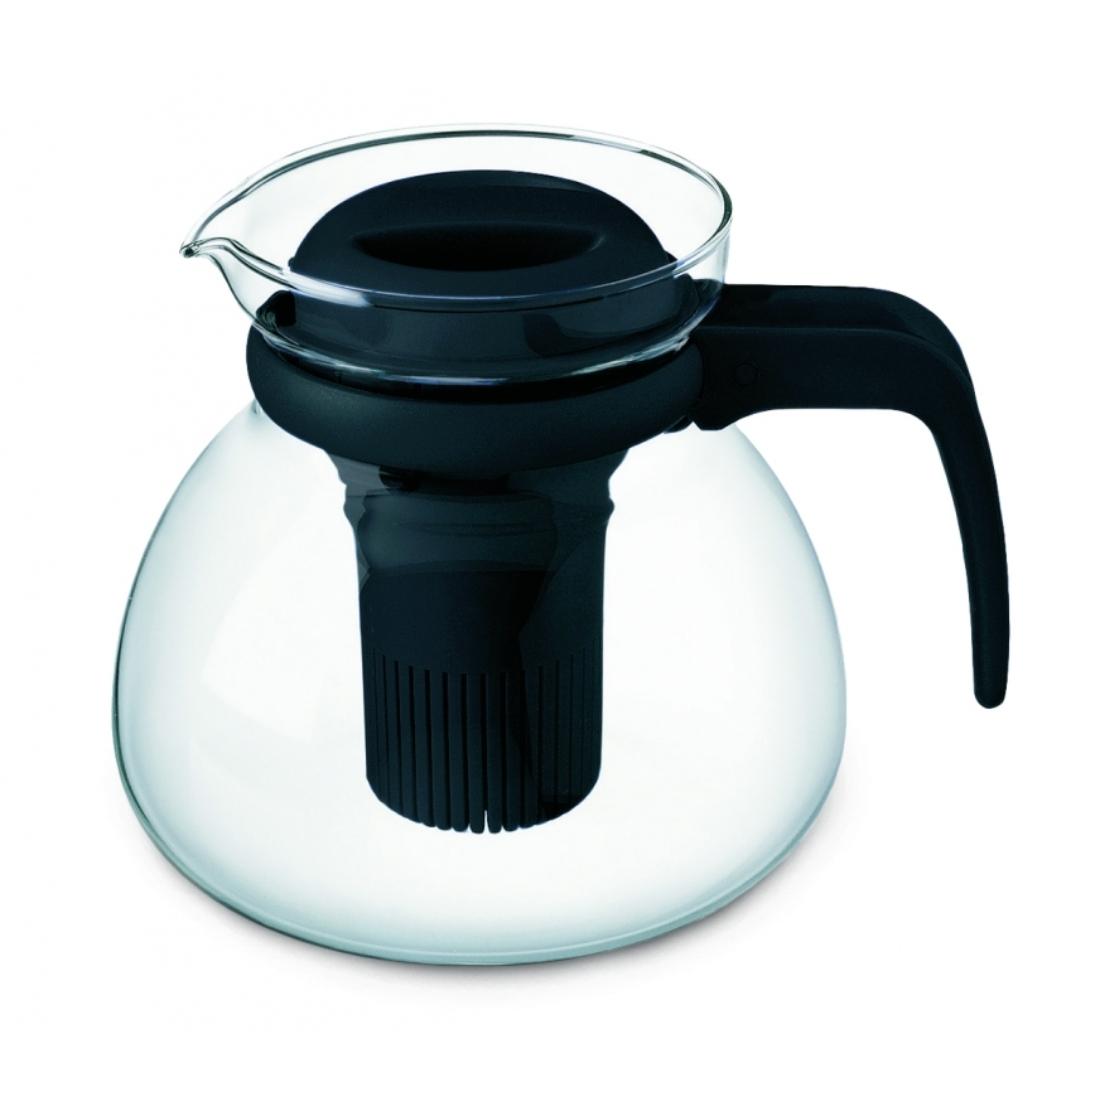 Simax Svatava Hőálló Teáskanna teaszűrővel 1.5L